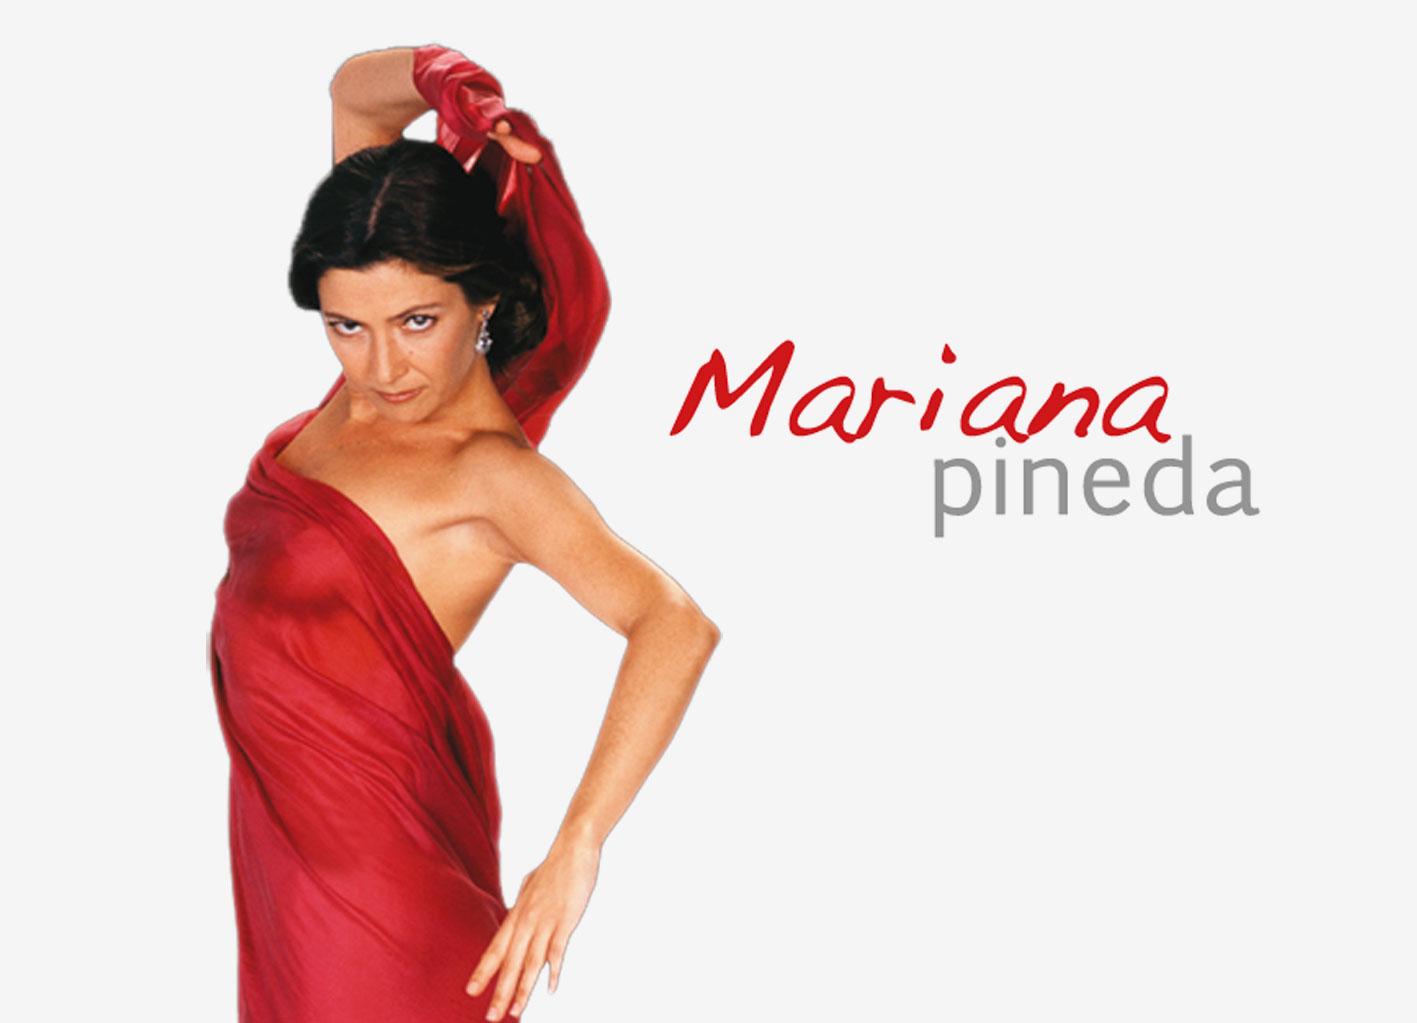 mariana-pineda-sara-baras